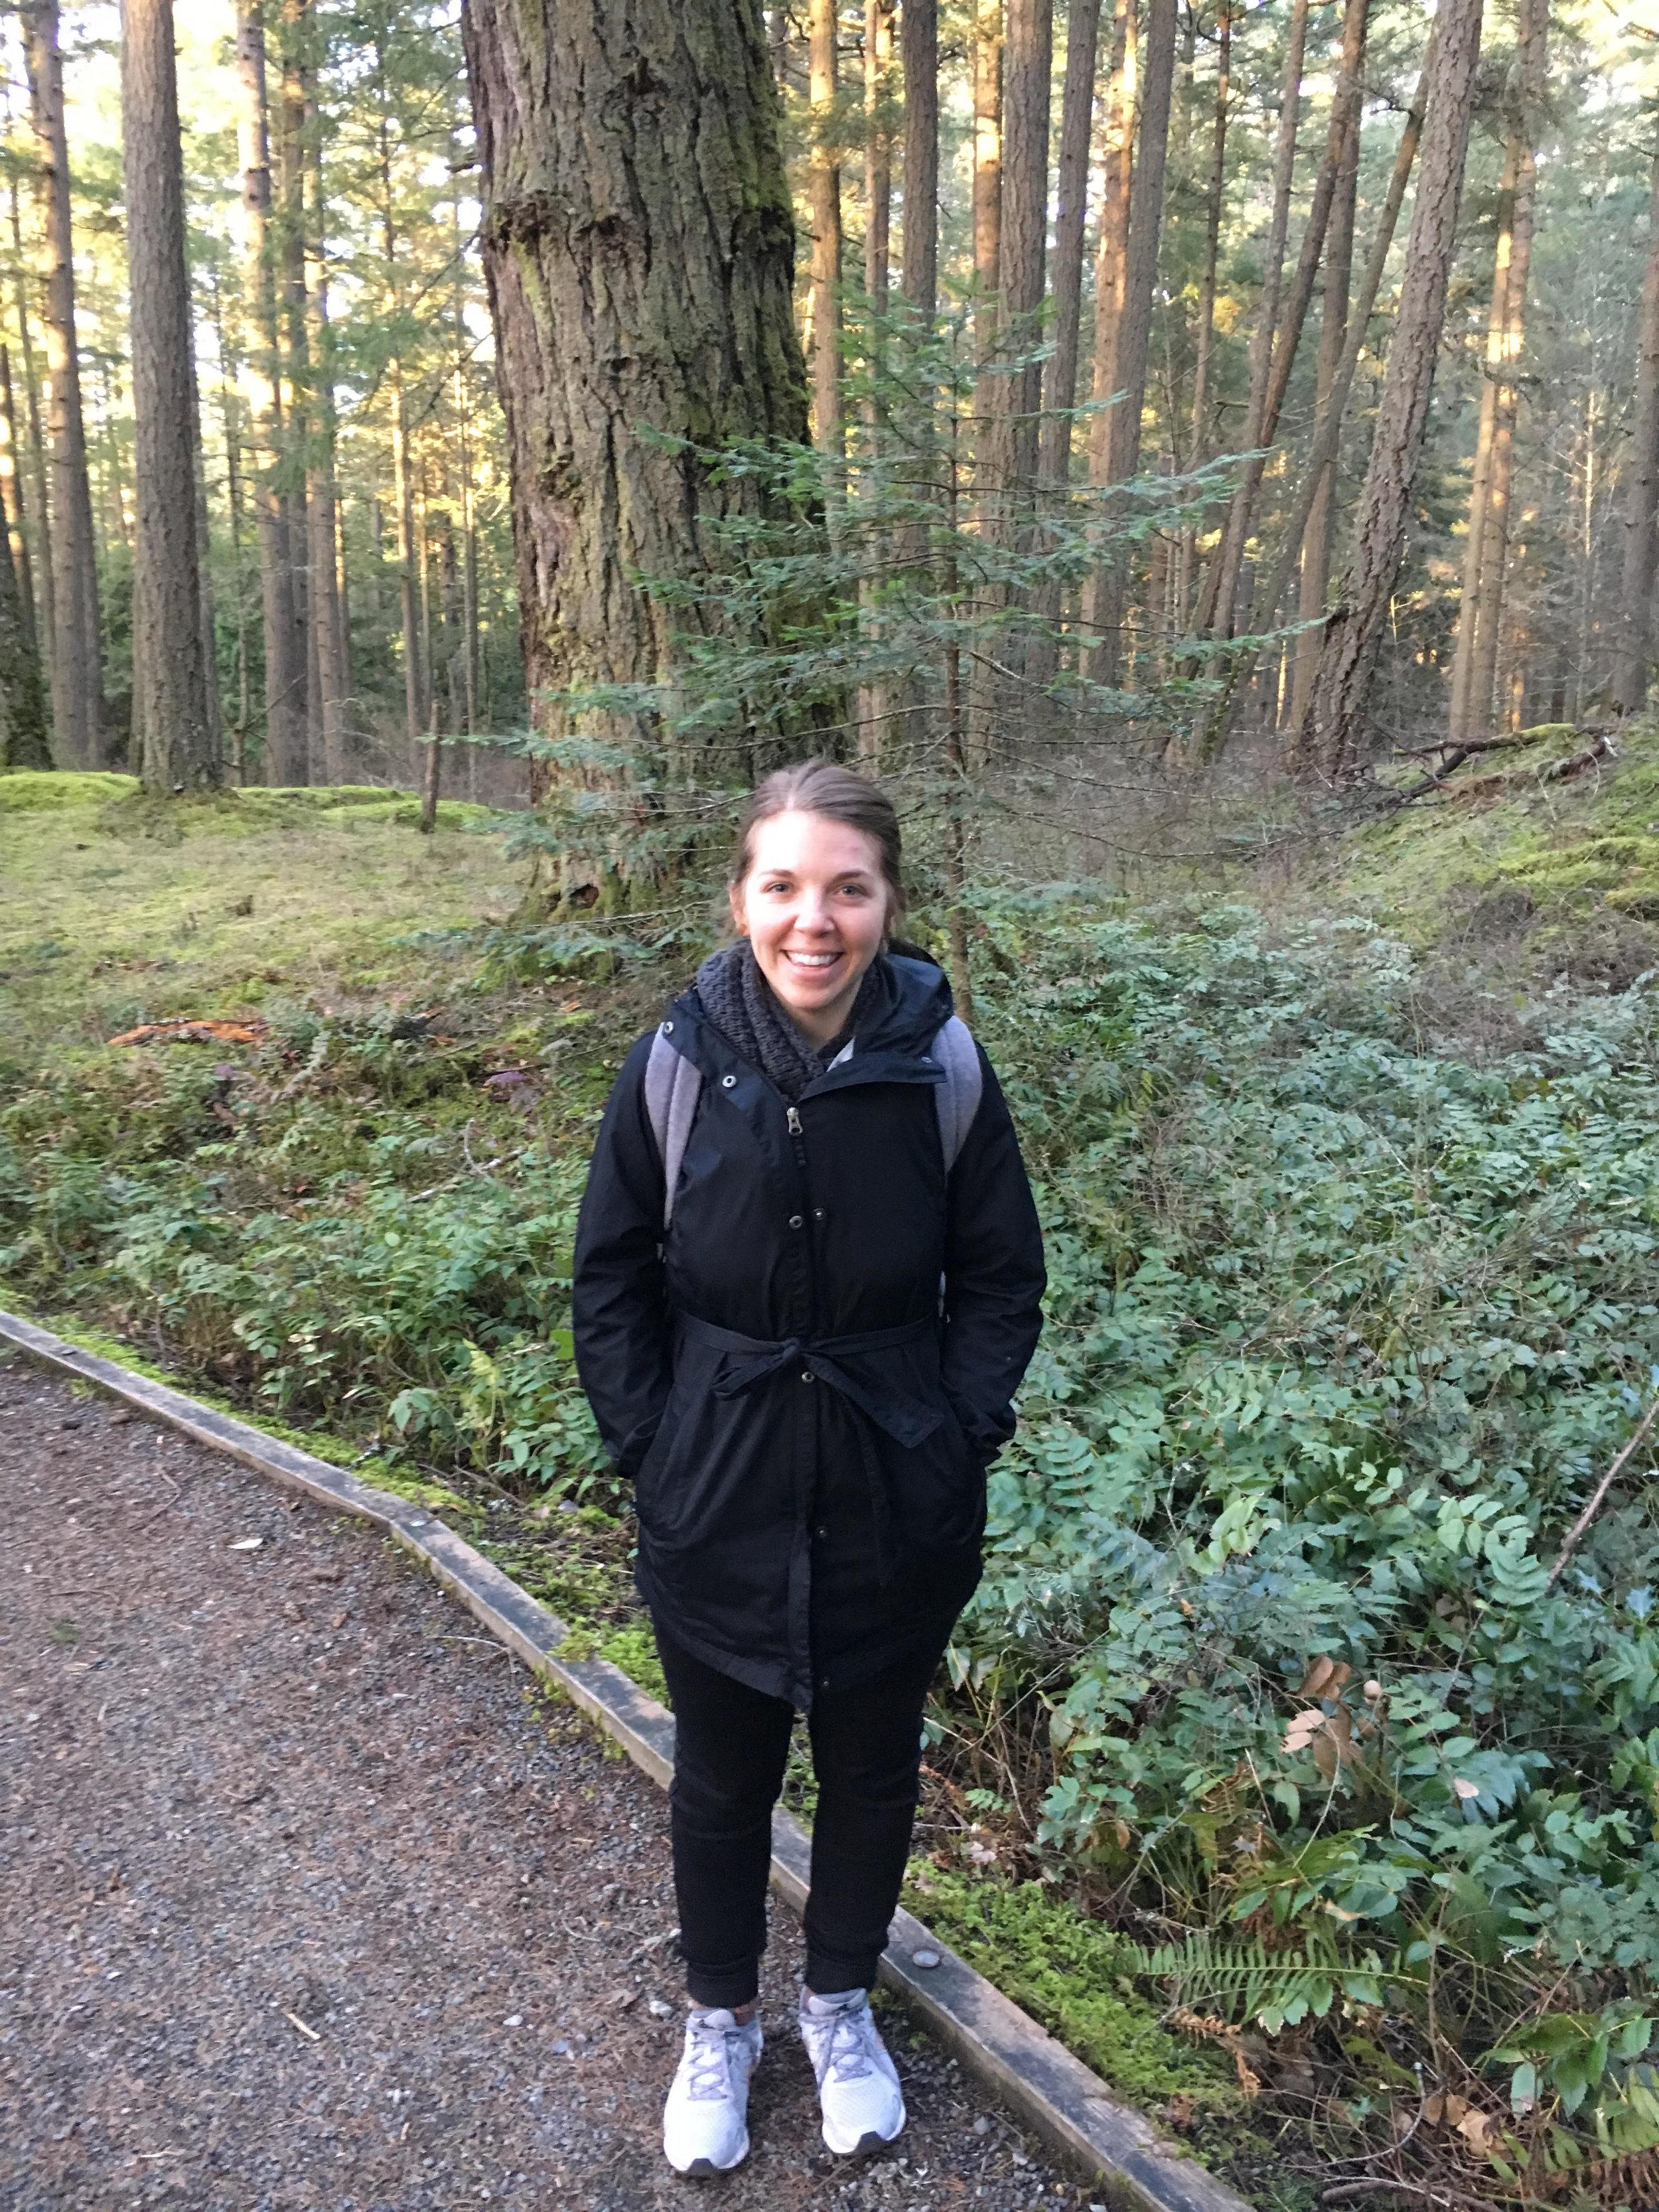 Megan Leatherman, PUGS Instructor